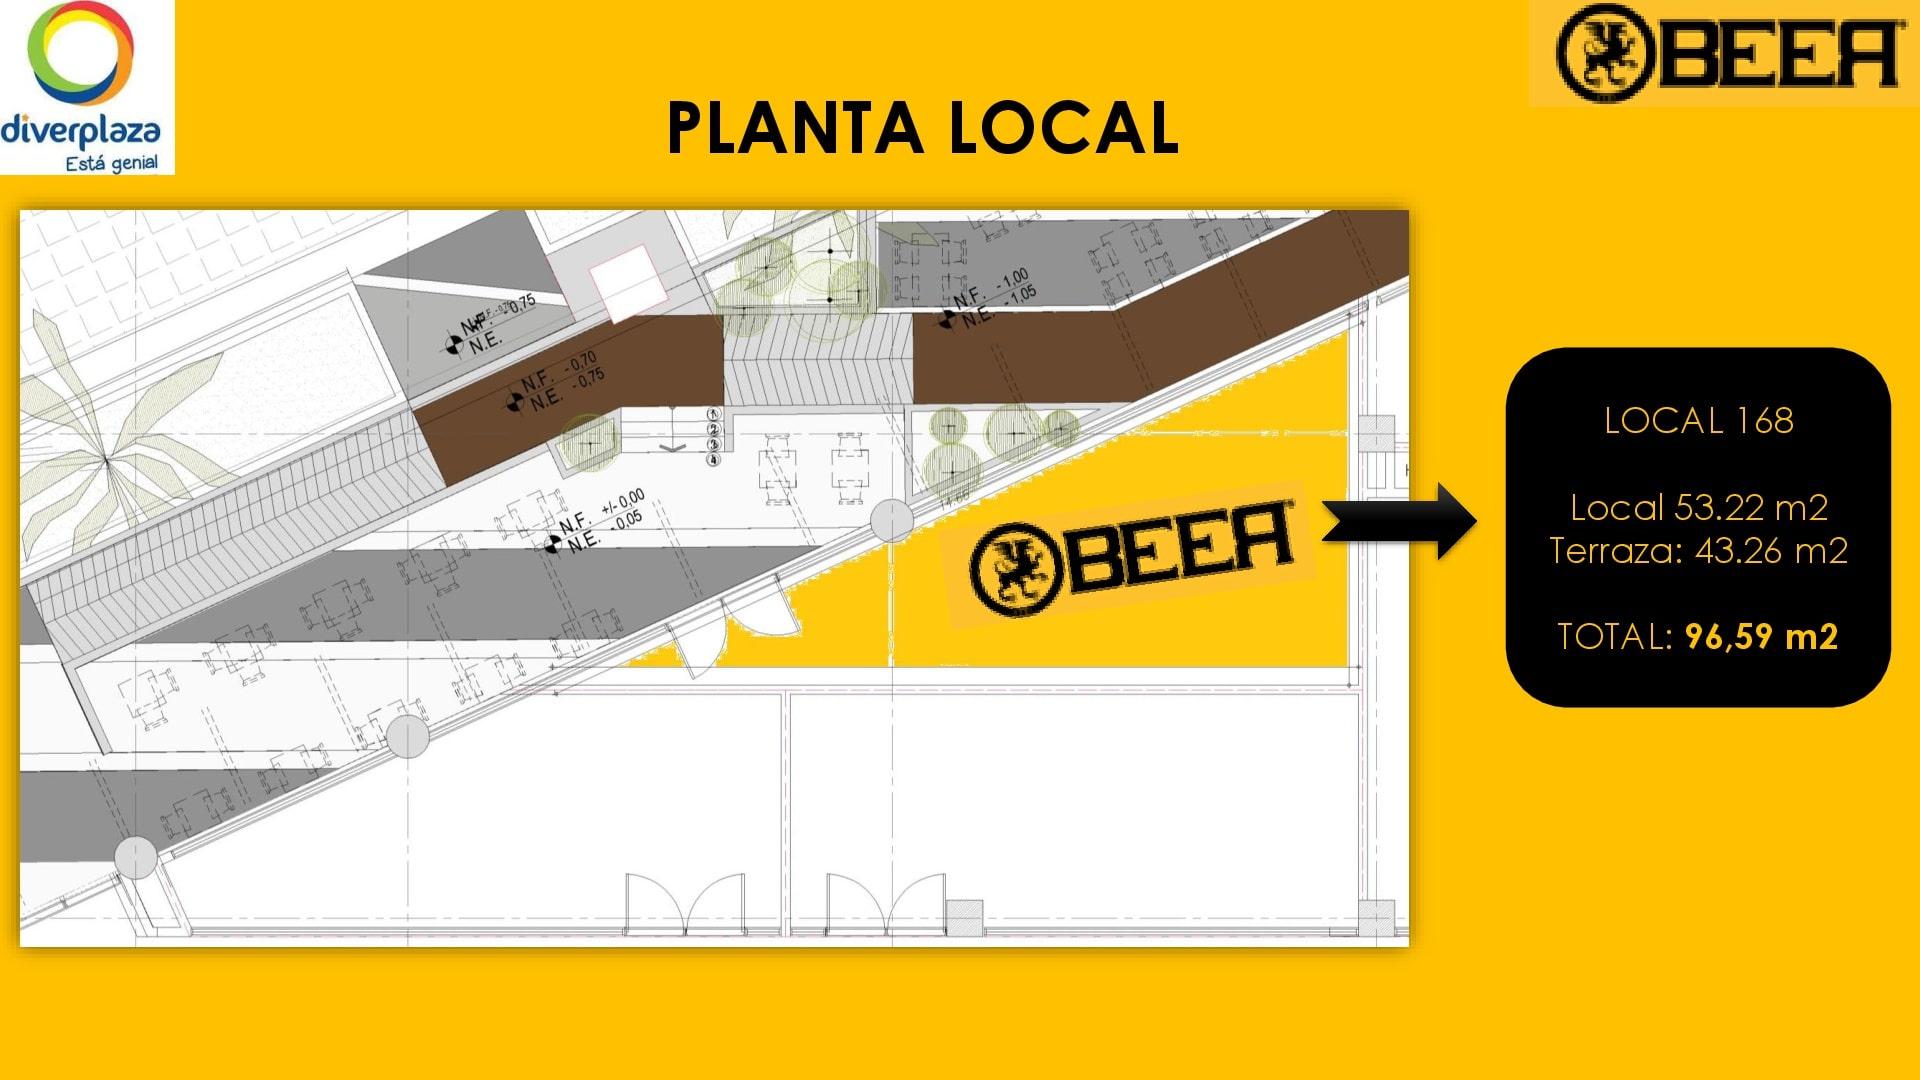 diver plaza locales.jpg